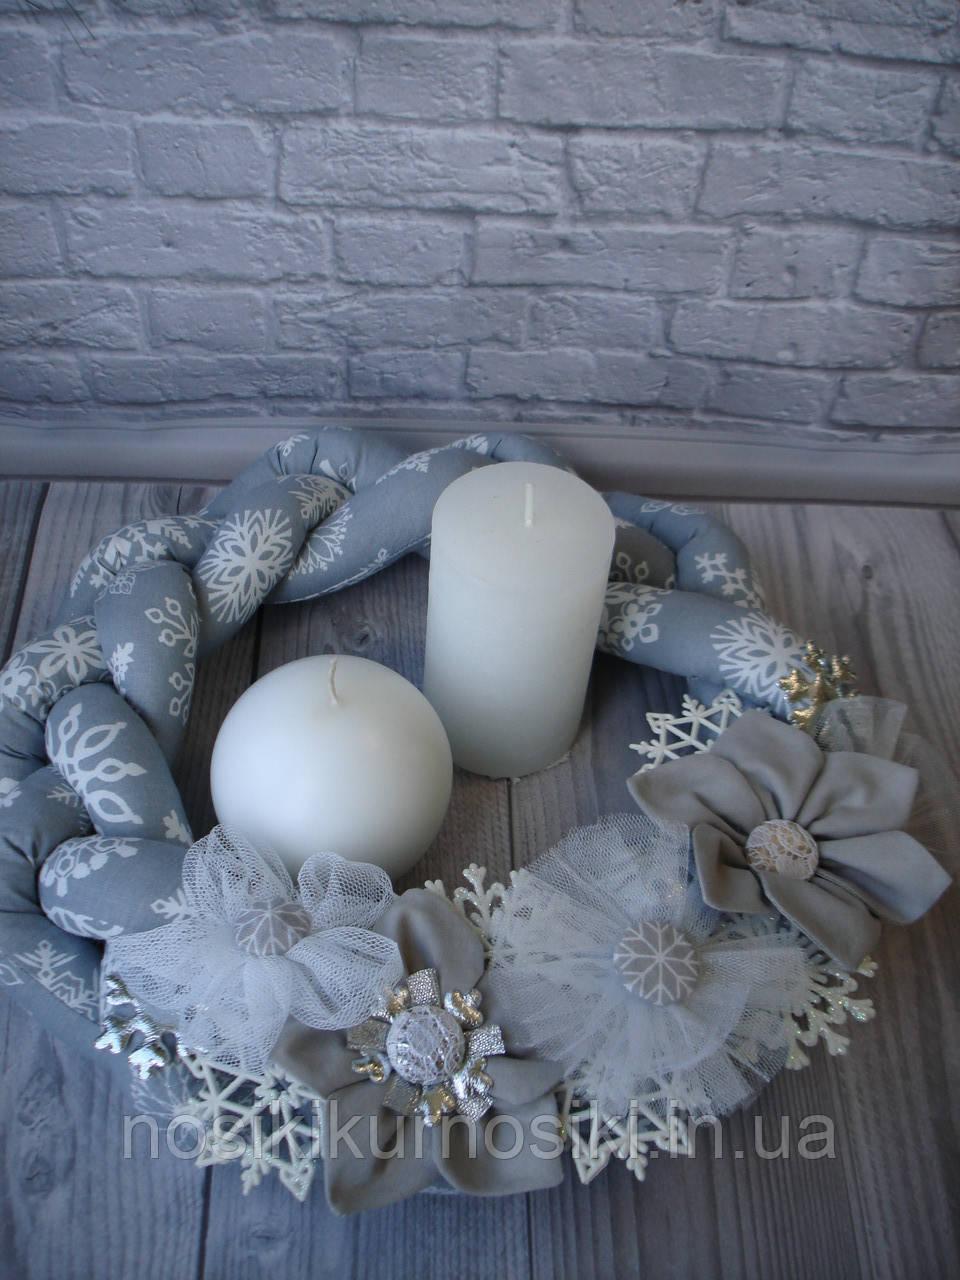 Інтер'єрний різдвяний вінок ручної роботи з натуральних тканин